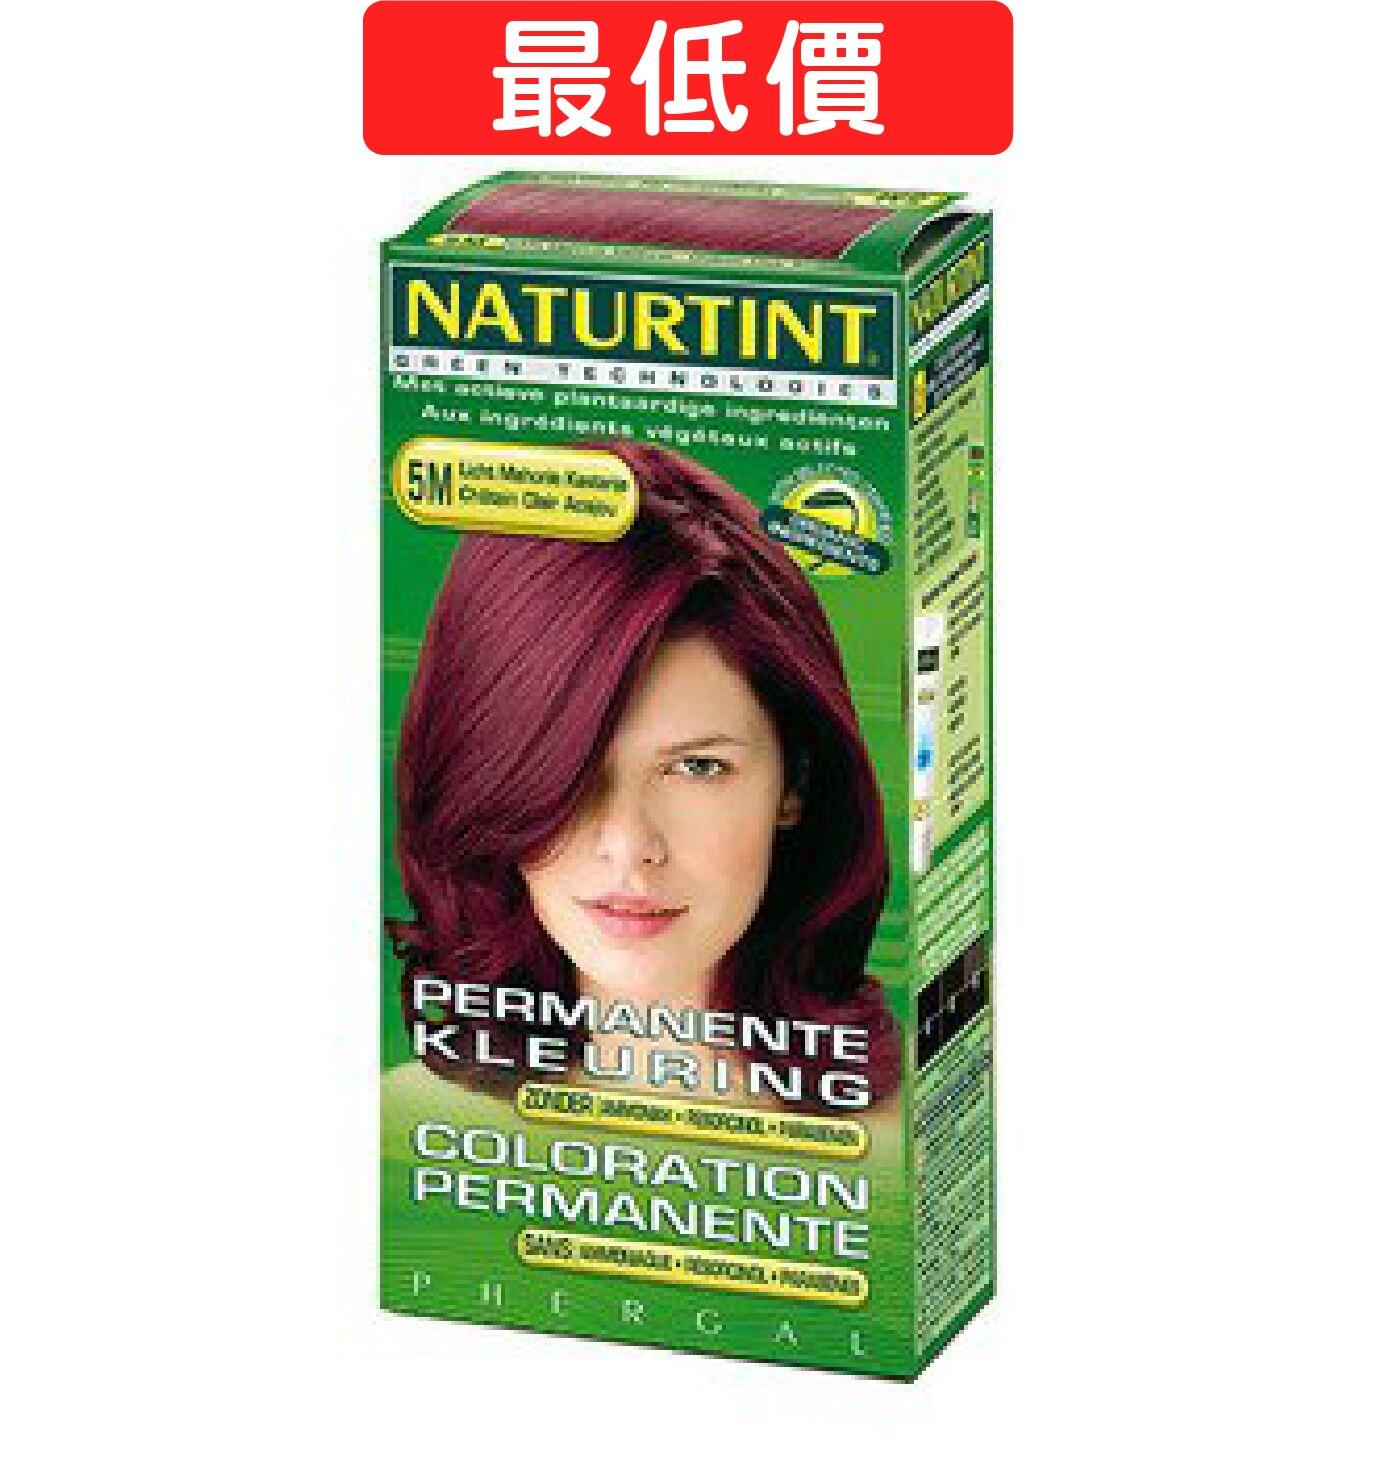 赫本染髮劑5M淺赤褐棕色 [美十樂藥妝保健]